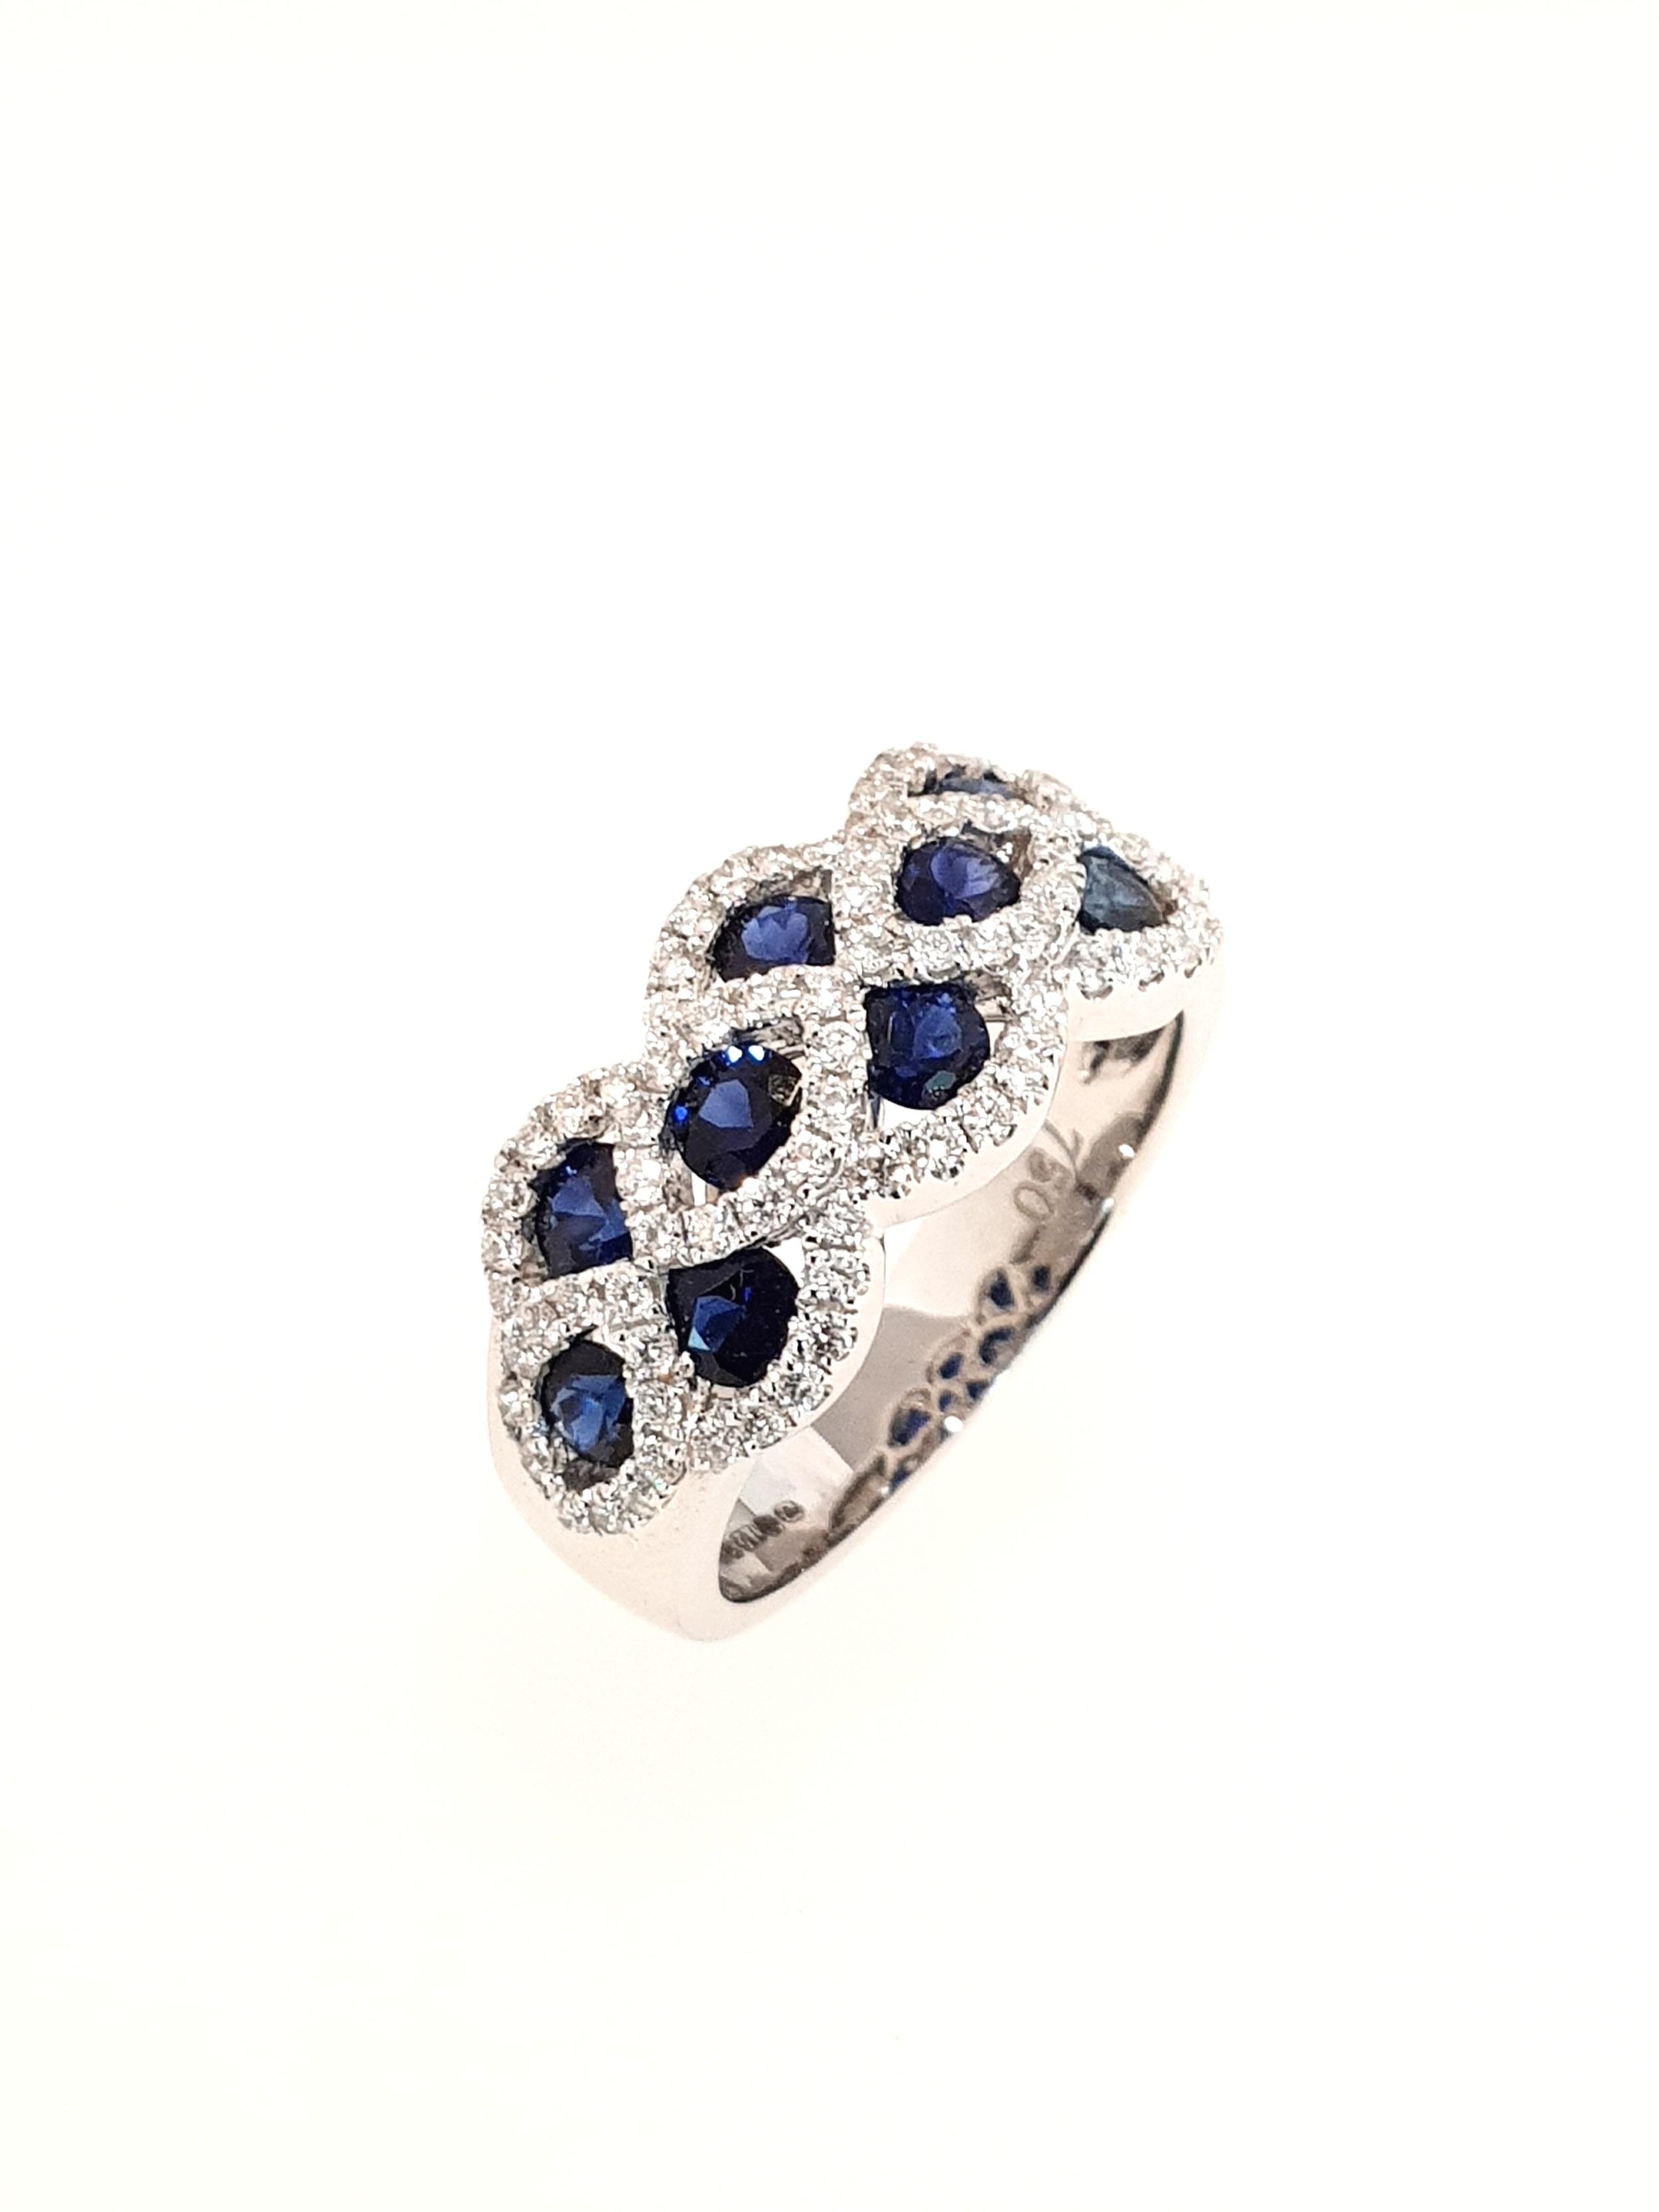 18ct White Gold Sapphire & Diamond Ring  Diamond: .50ct, G, Si1  Stock Code: N8943  £3800